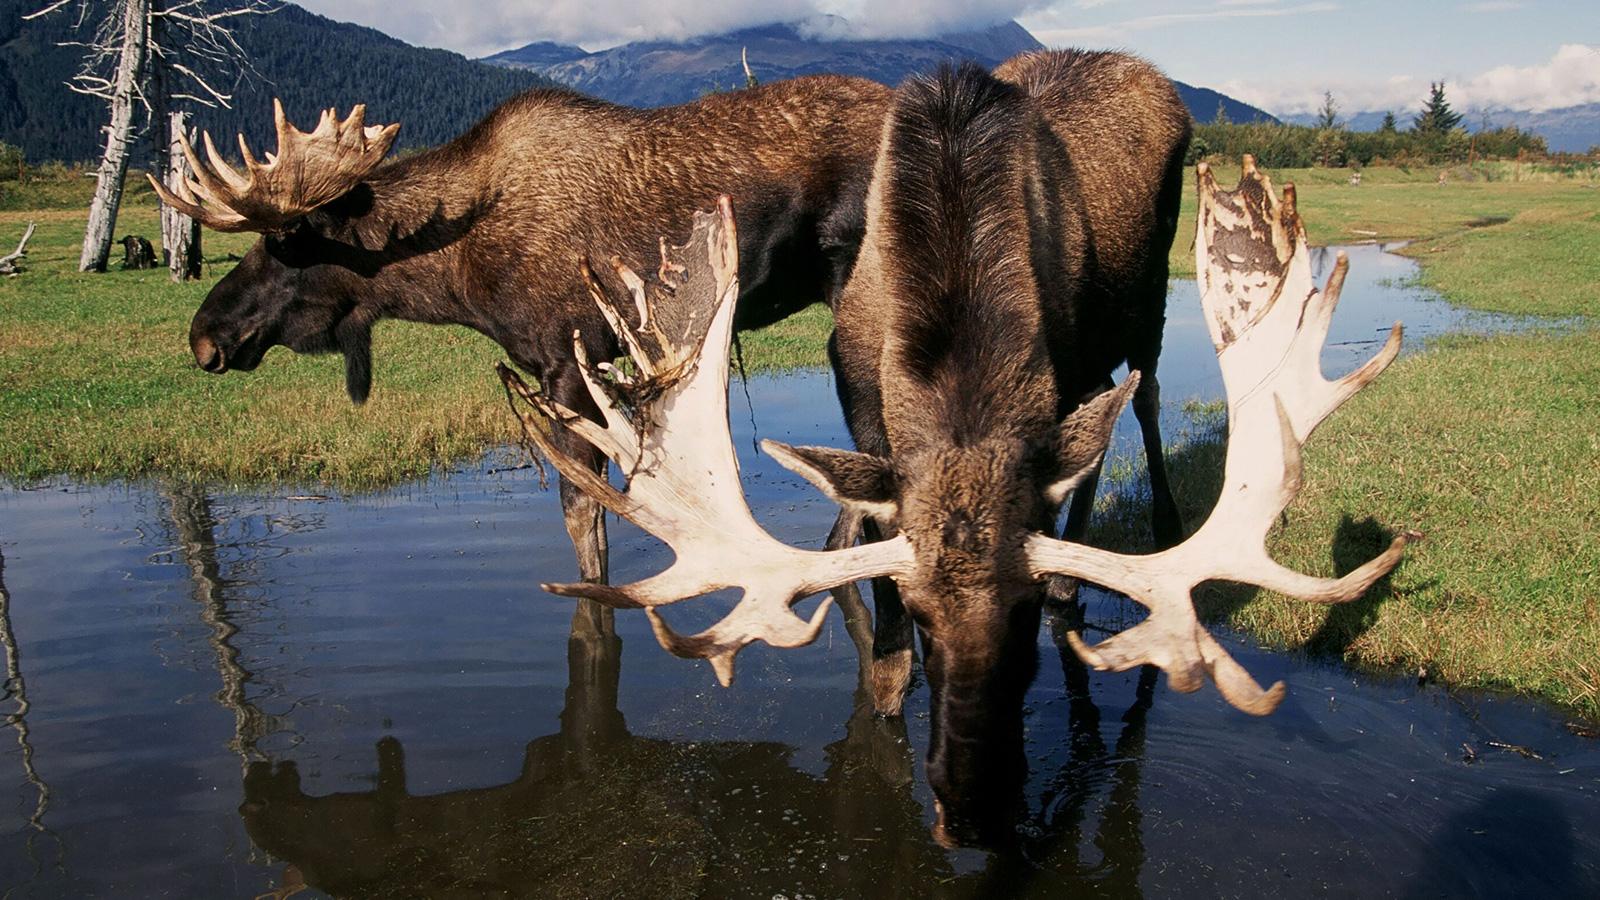 Die Naturwunder von Alaska Gruppenreise für junge Leute traveljunkies